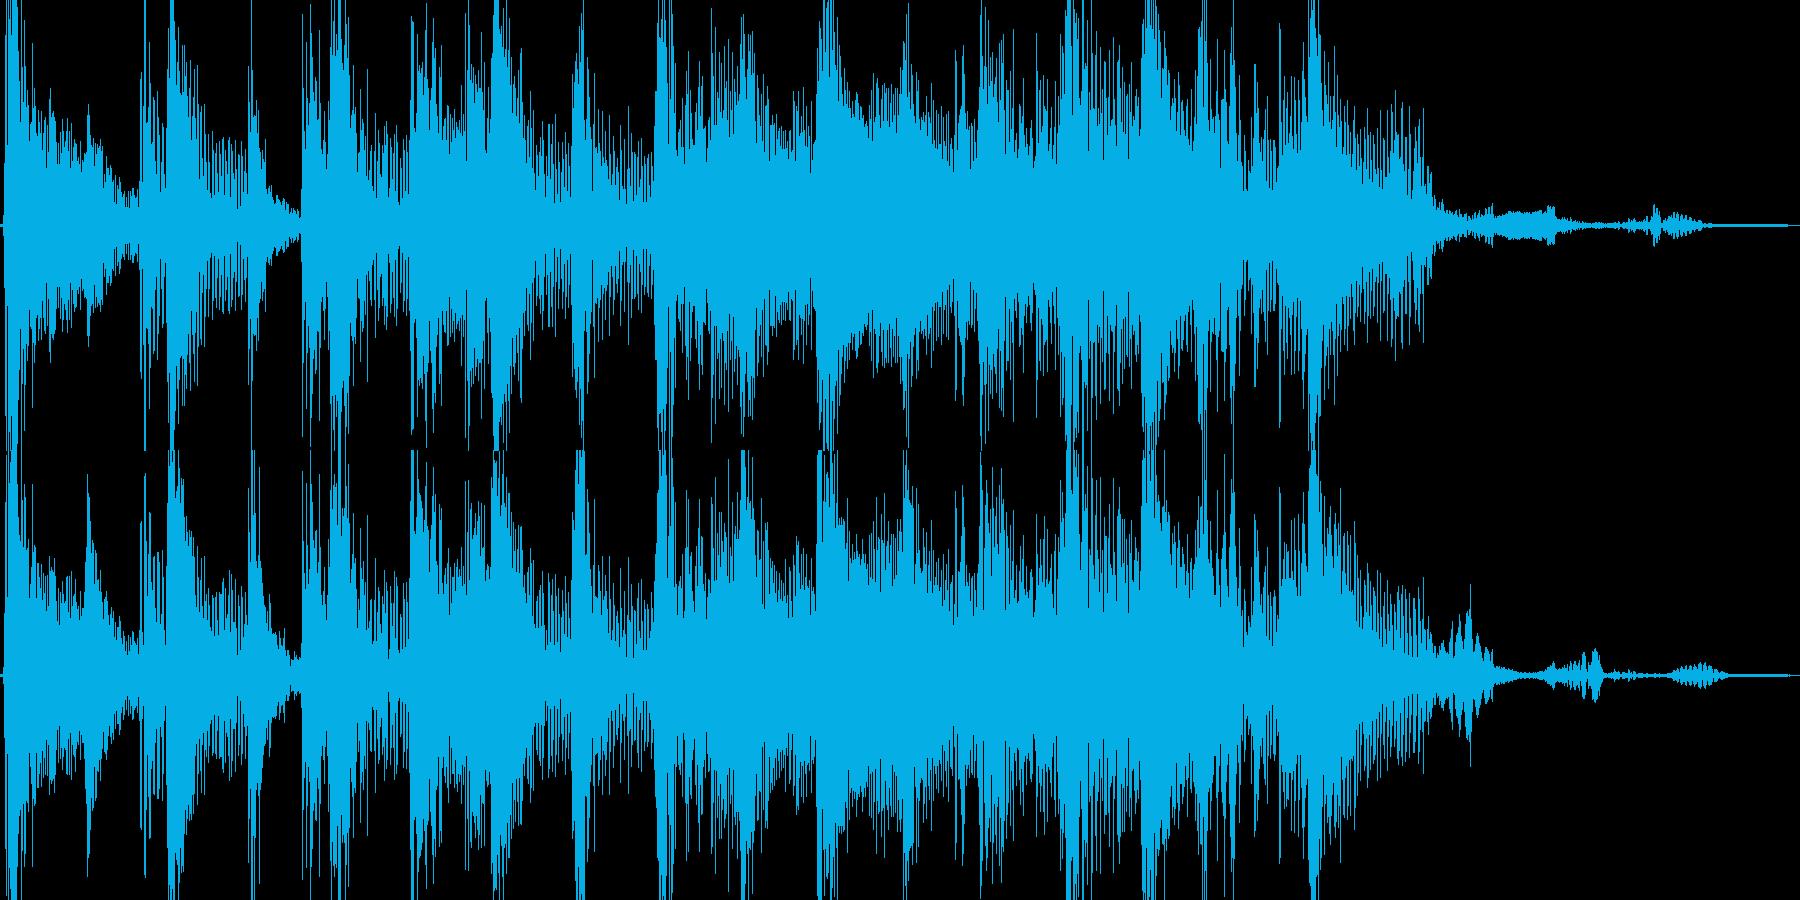 ファンキー 温泉に浸るイメージのジングルの再生済みの波形